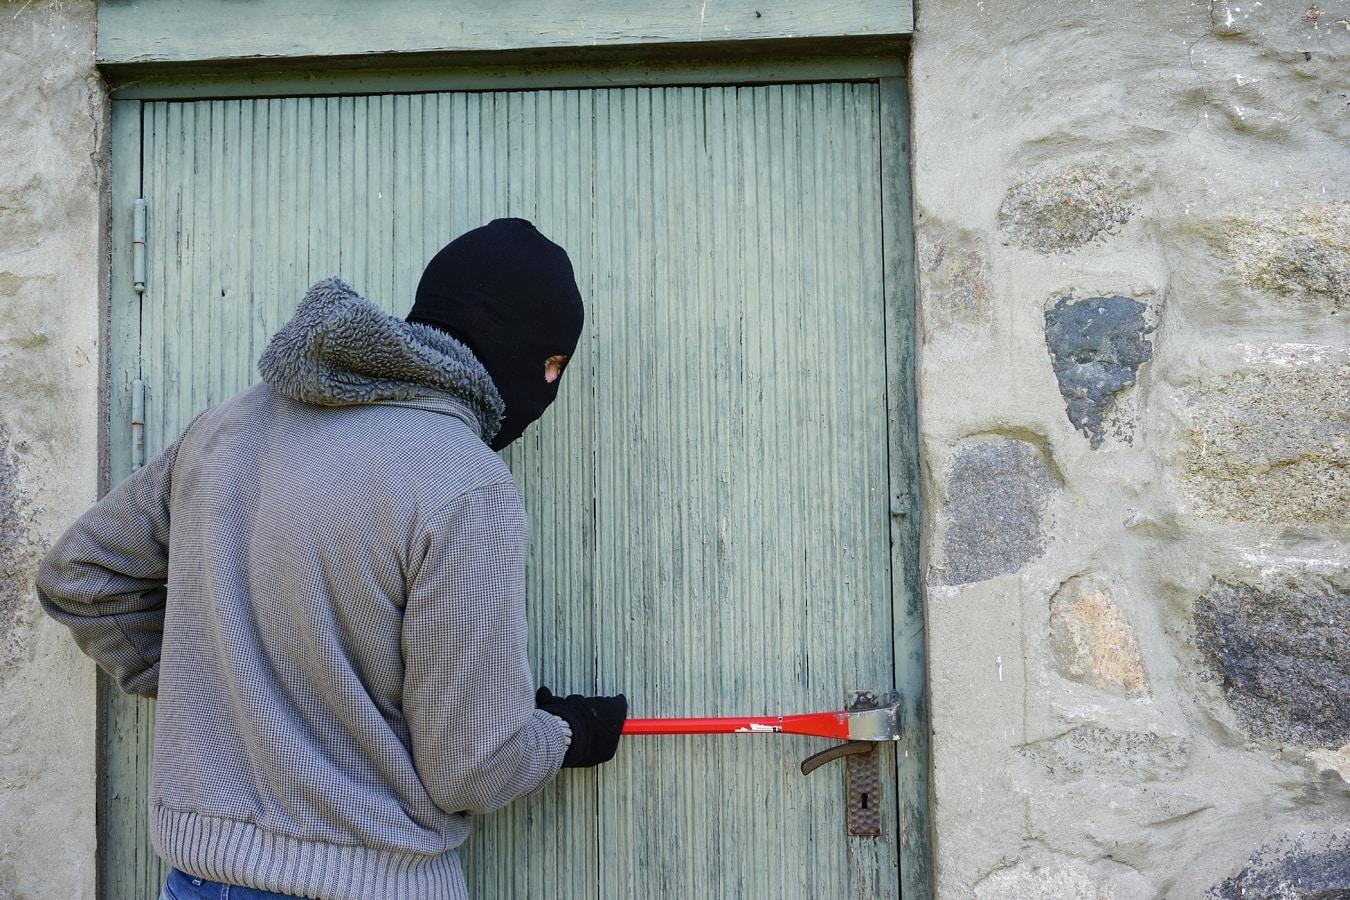 Thief, burglar ou robber?